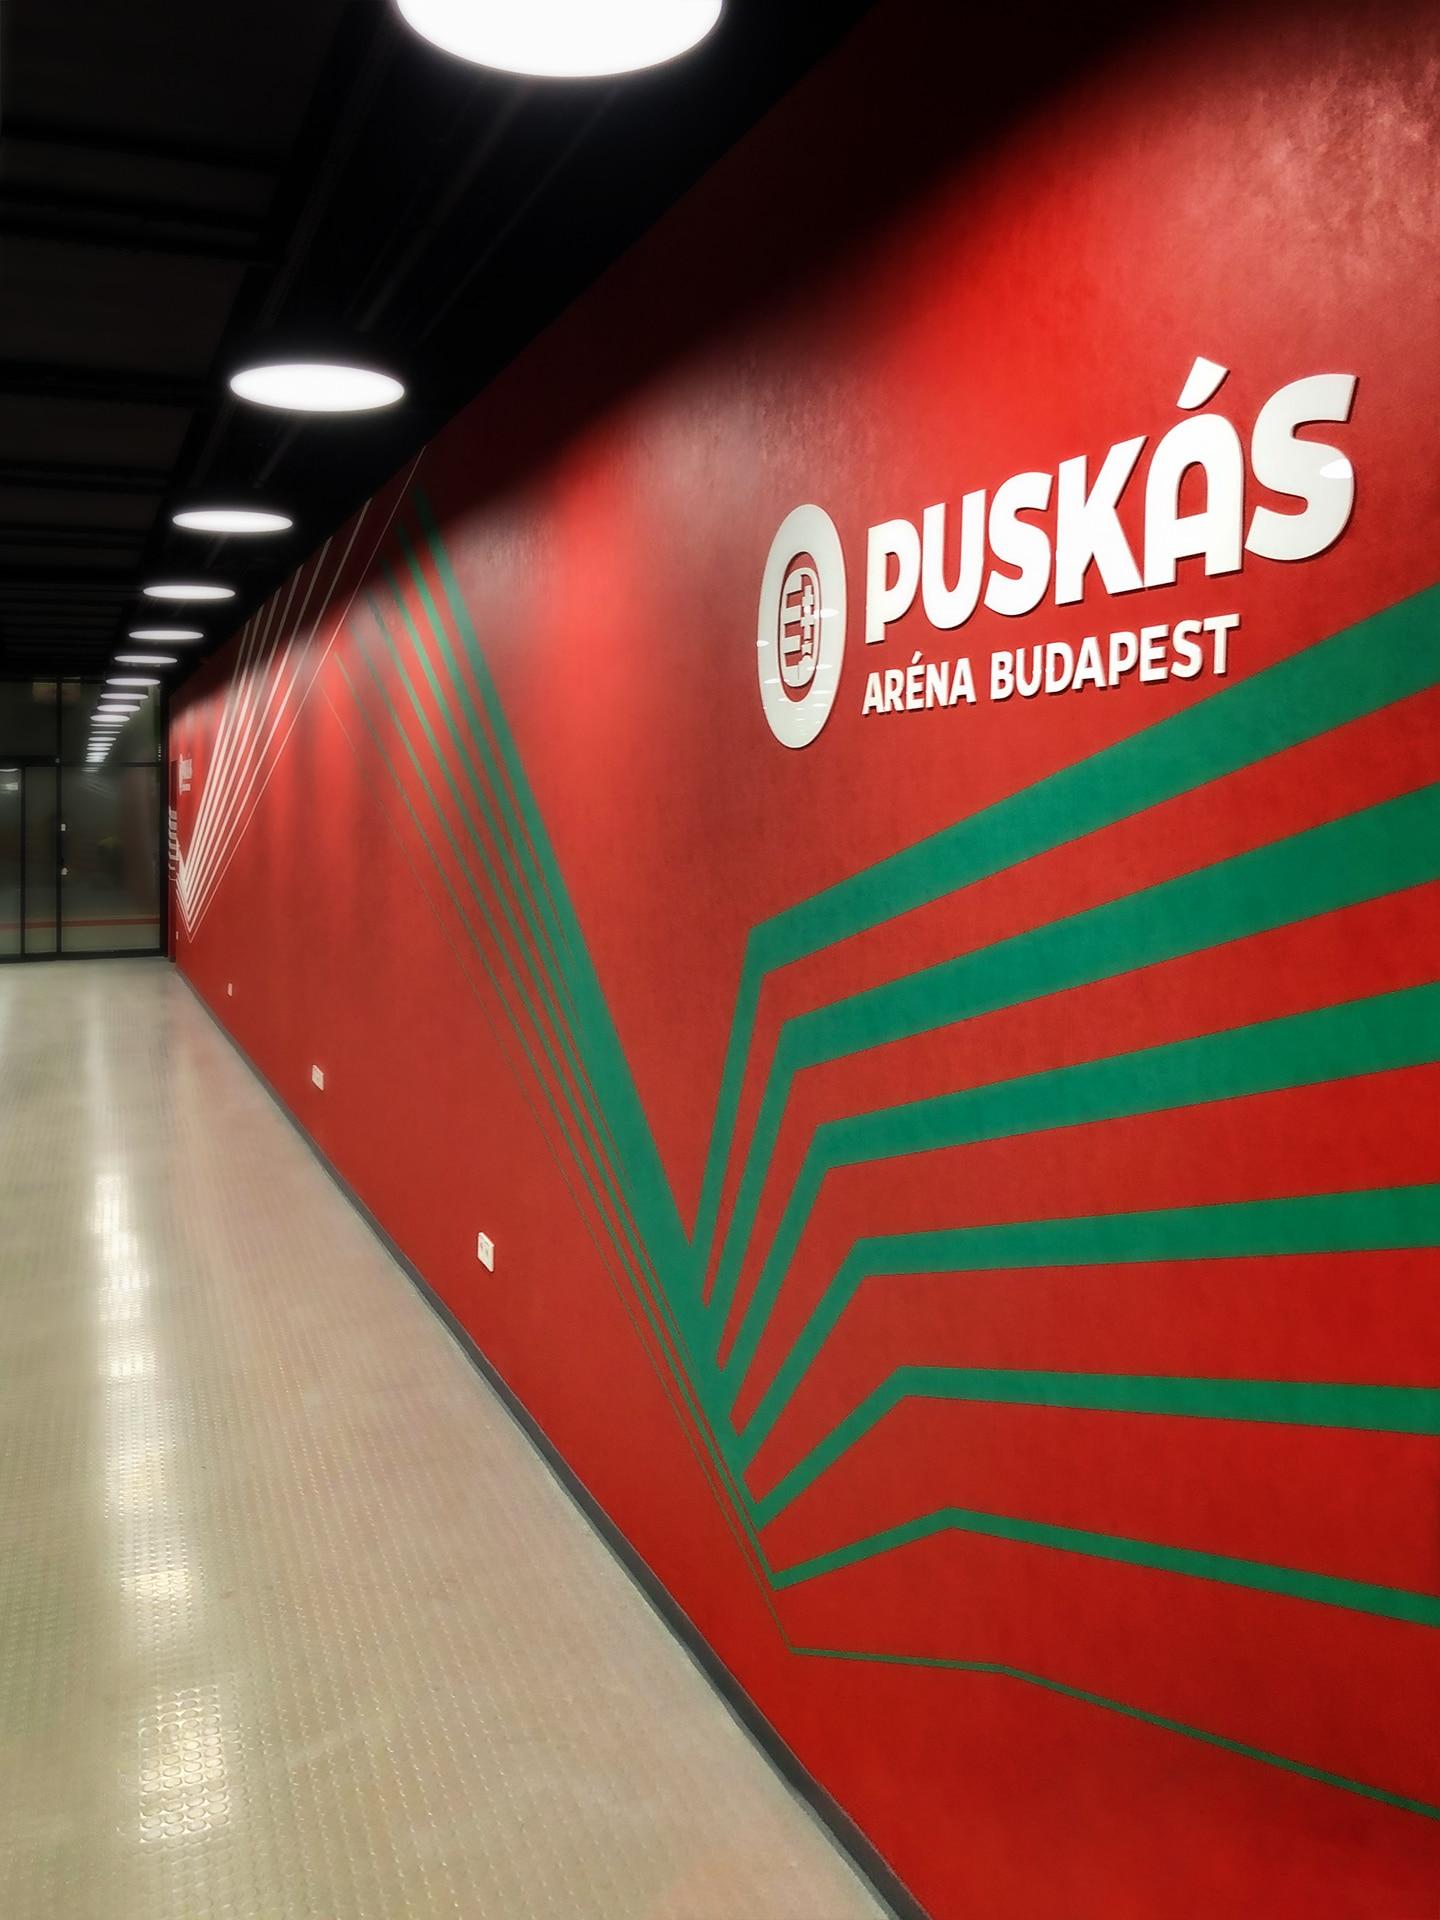 Vörös falfelületen zöld és fehér sávok futnak, fölöttük a Puskás Aréna nagyméretű fehér plexilogójával.